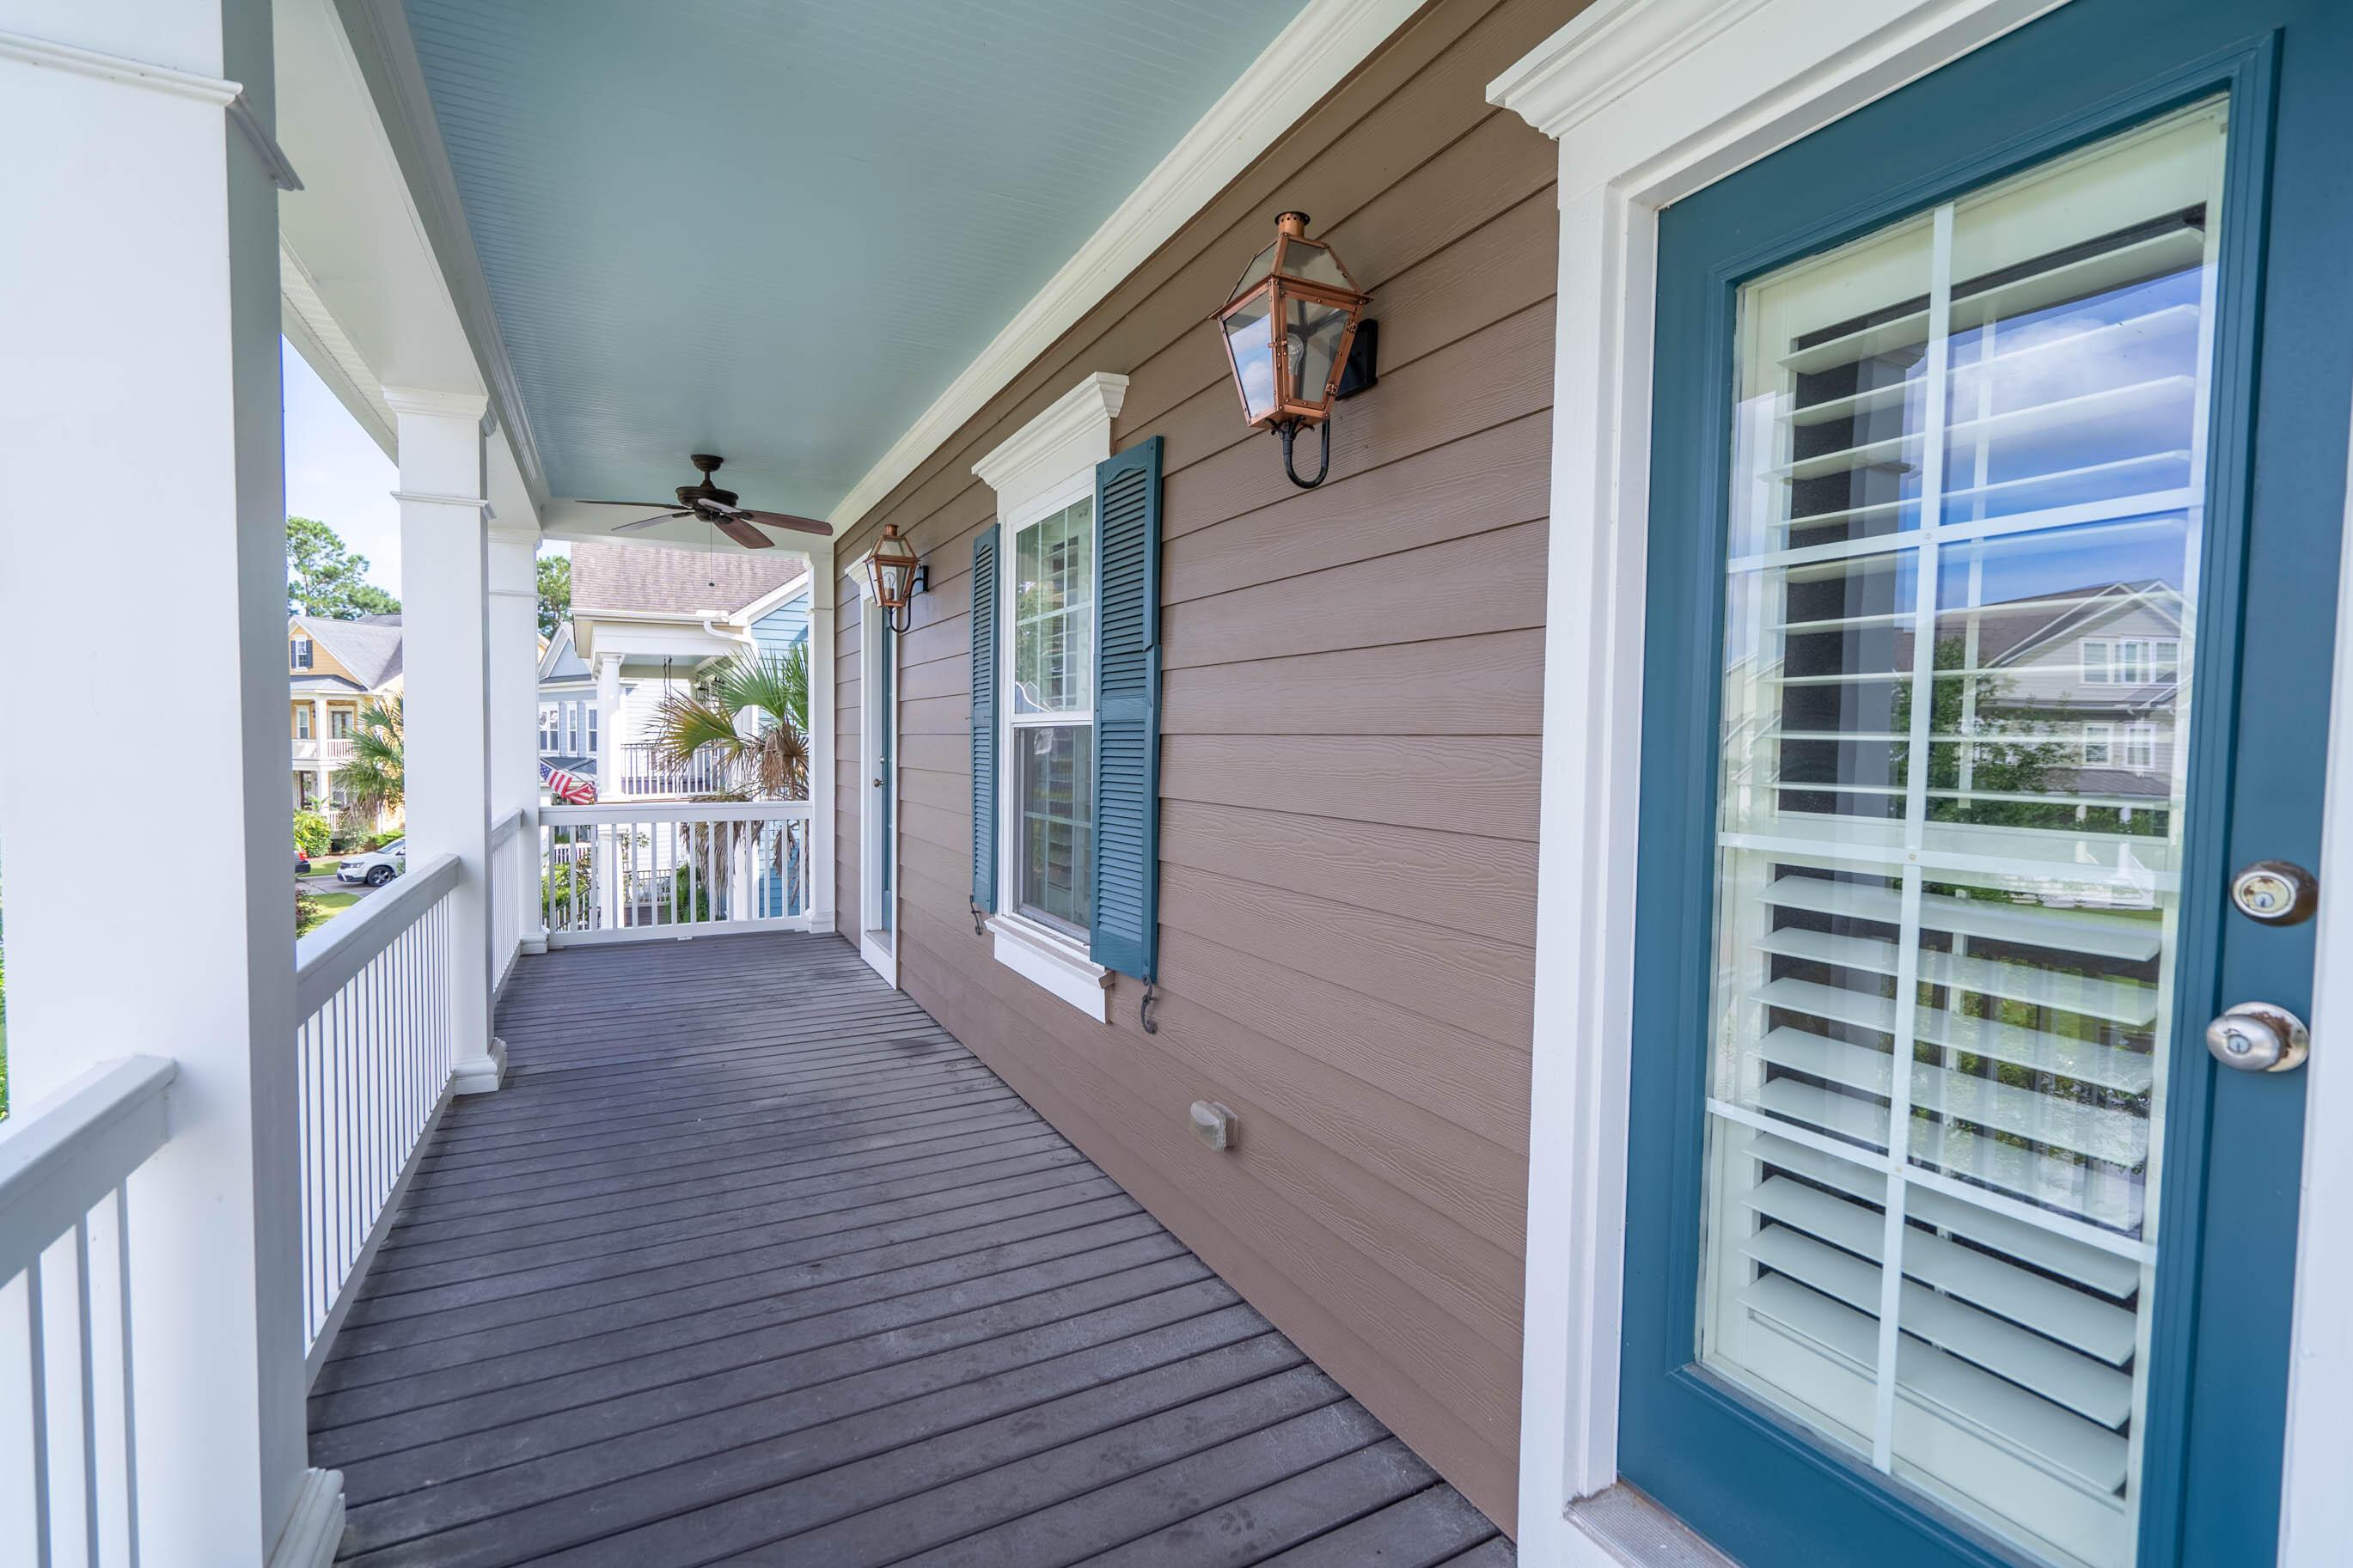 Dunes West Homes For Sale - 2997 Sturbridge, Mount Pleasant, SC - 28